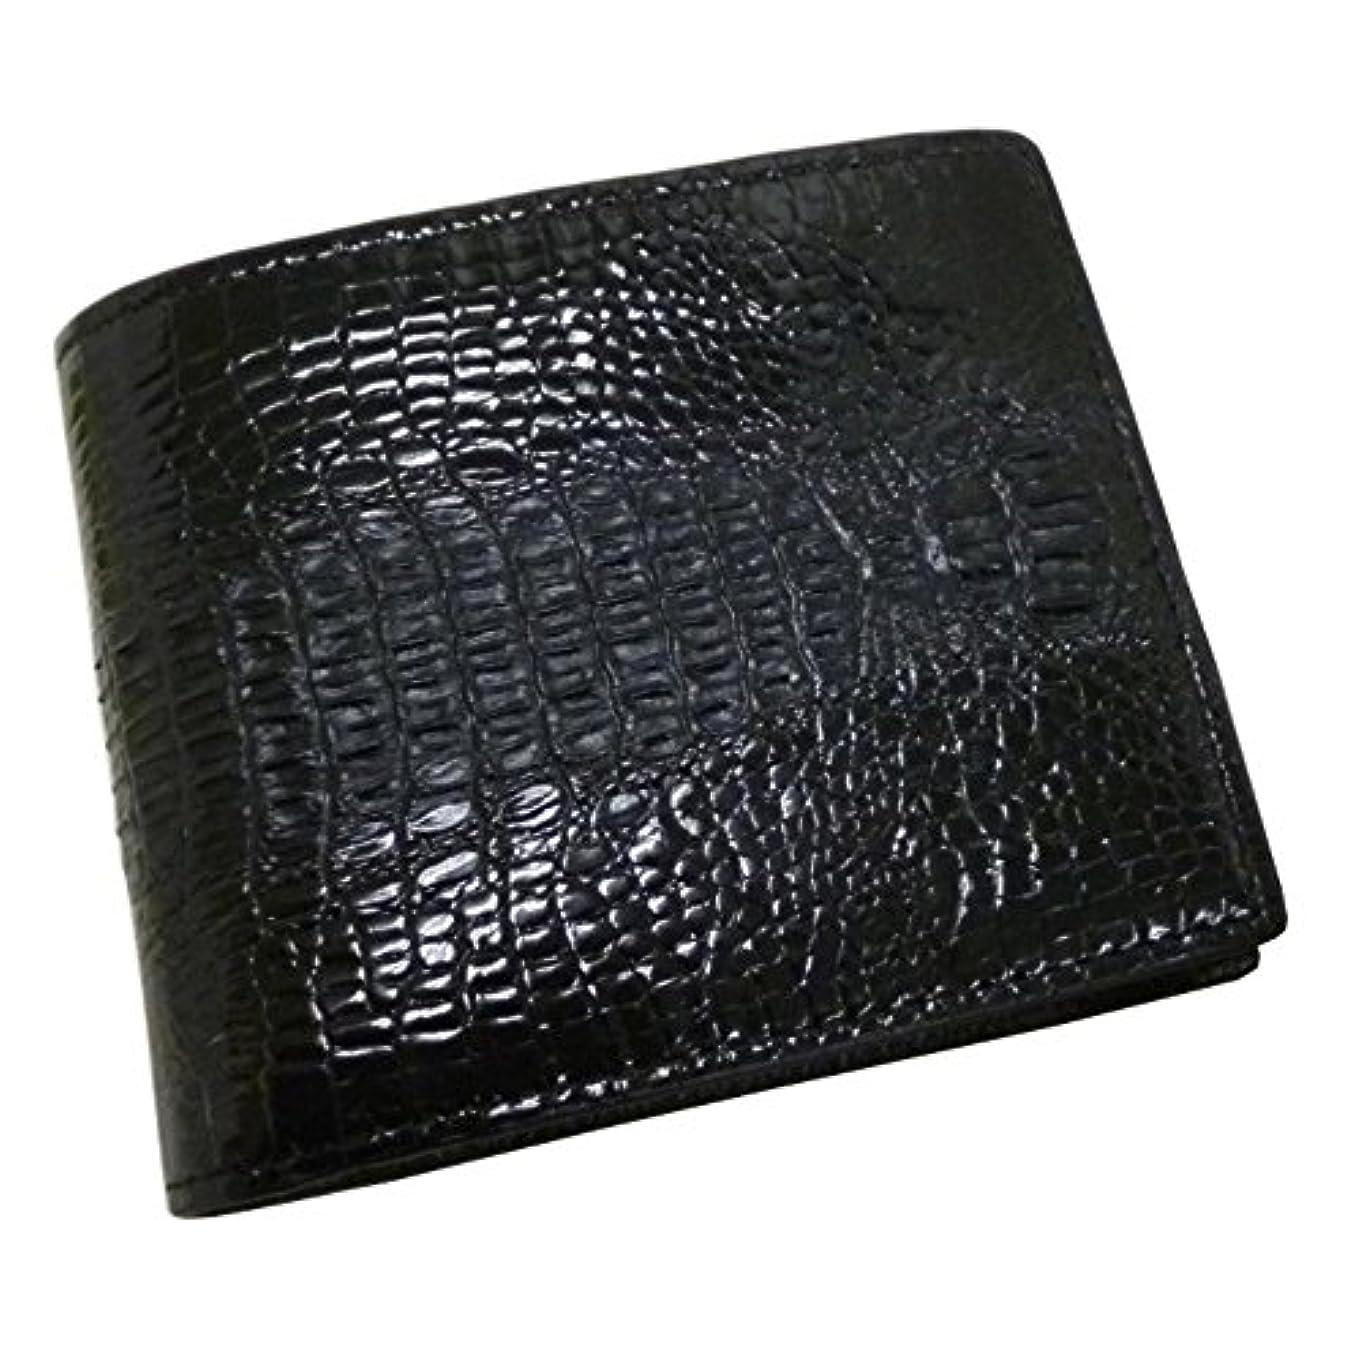 スーツケース貢献する地域サンタマリア[Santa Maria]クロコダイル 財布 背鰐HB 二つ折り メンズ